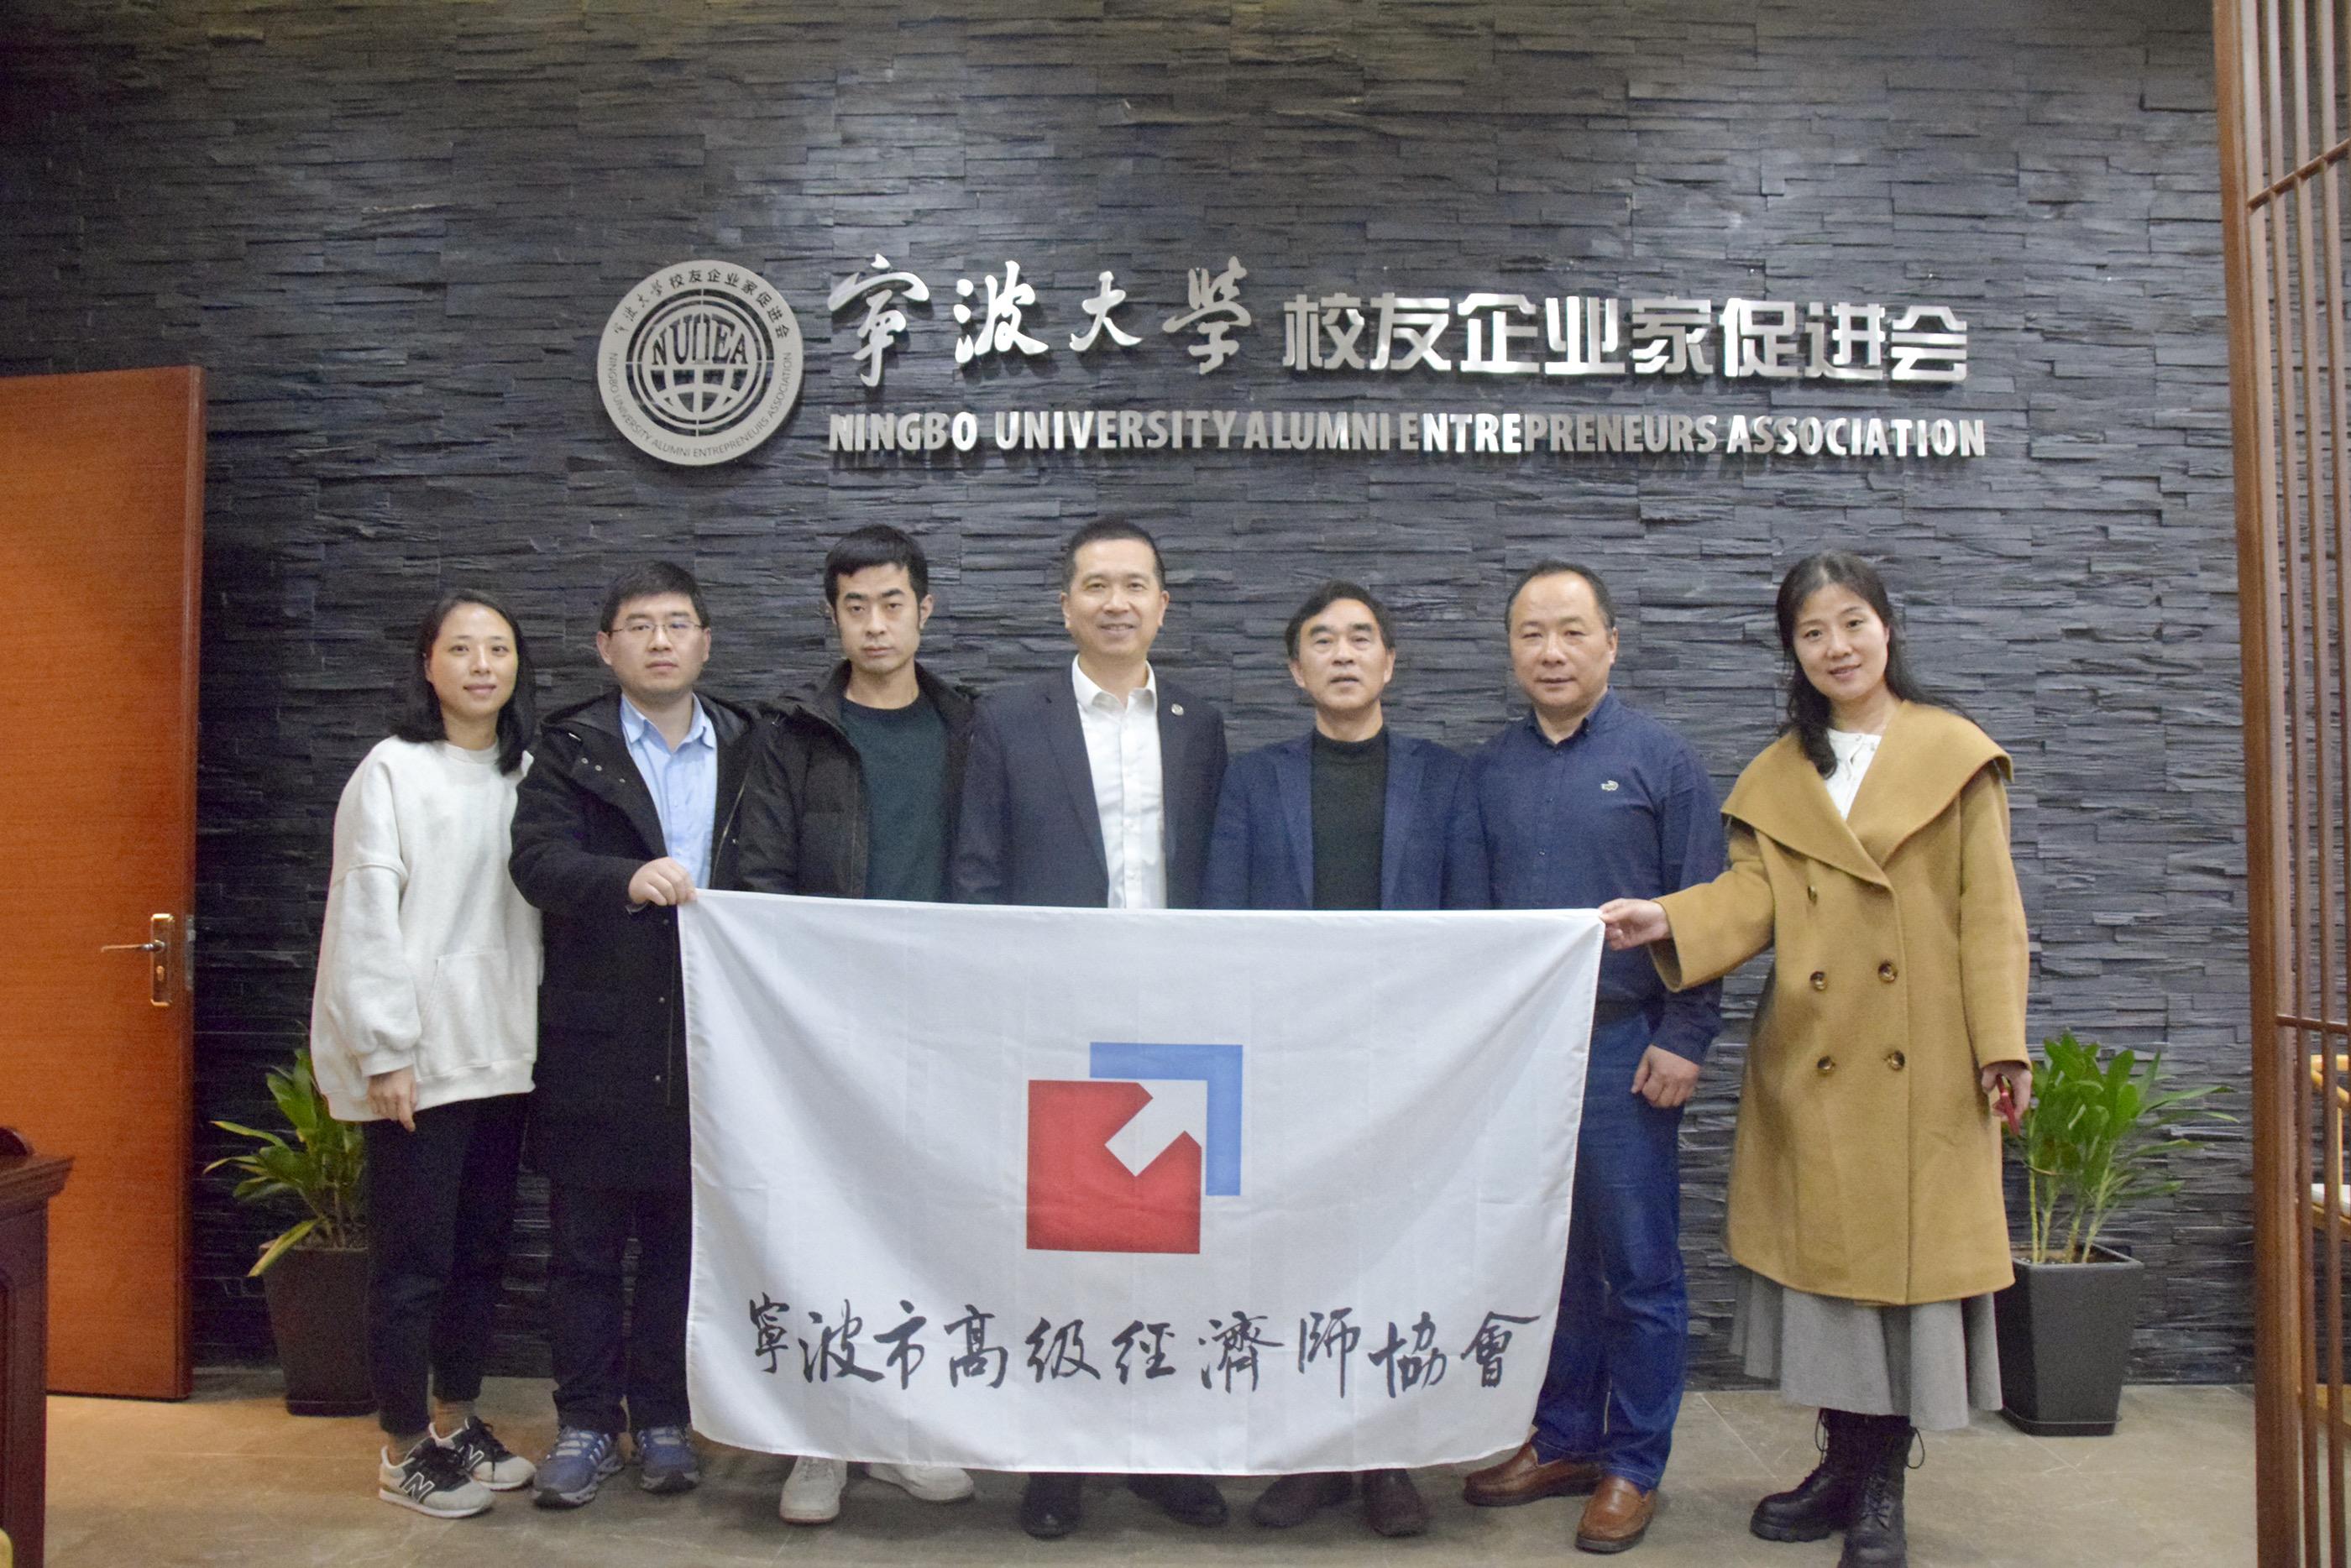 宁波市高级经济师协会赴宁波大学校友企业家促进会交流学习